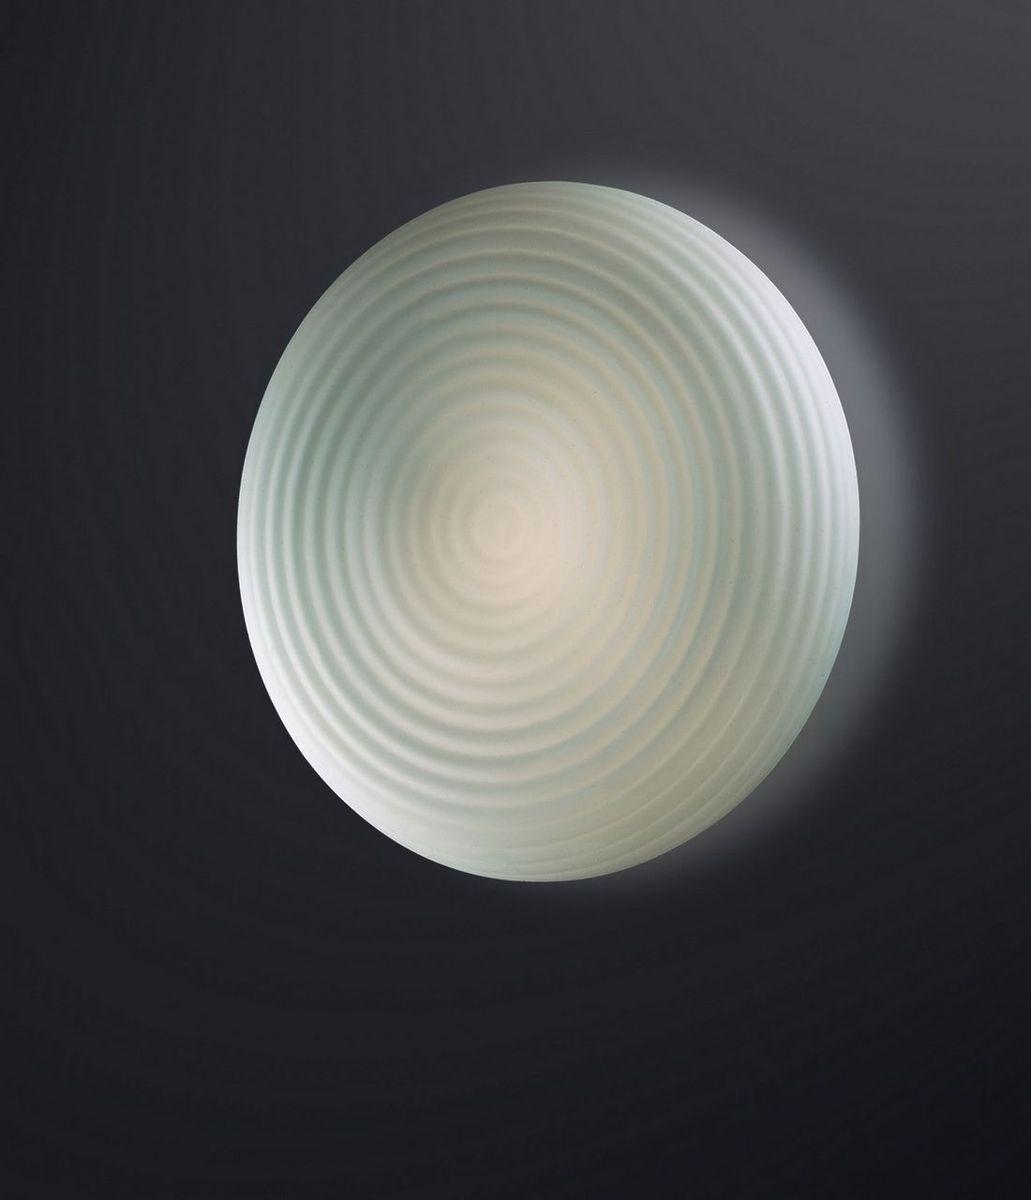 Светильник потолочный Odeon Light Clod, 2 х E27, 100W. 2178/2C2178/2C